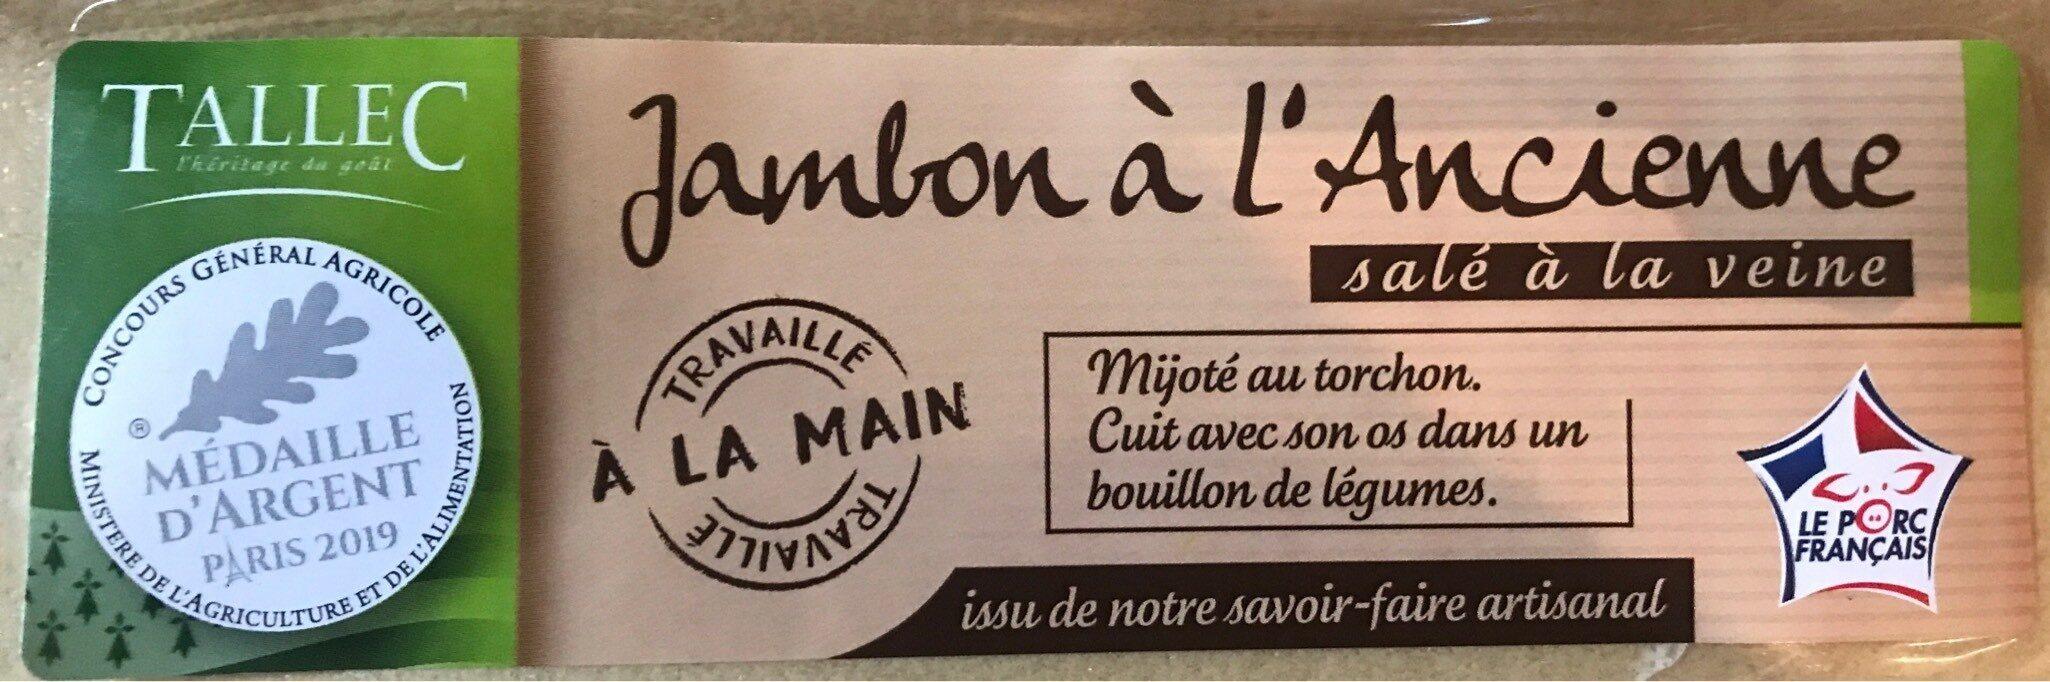 Jambon à l'anciennne - Product